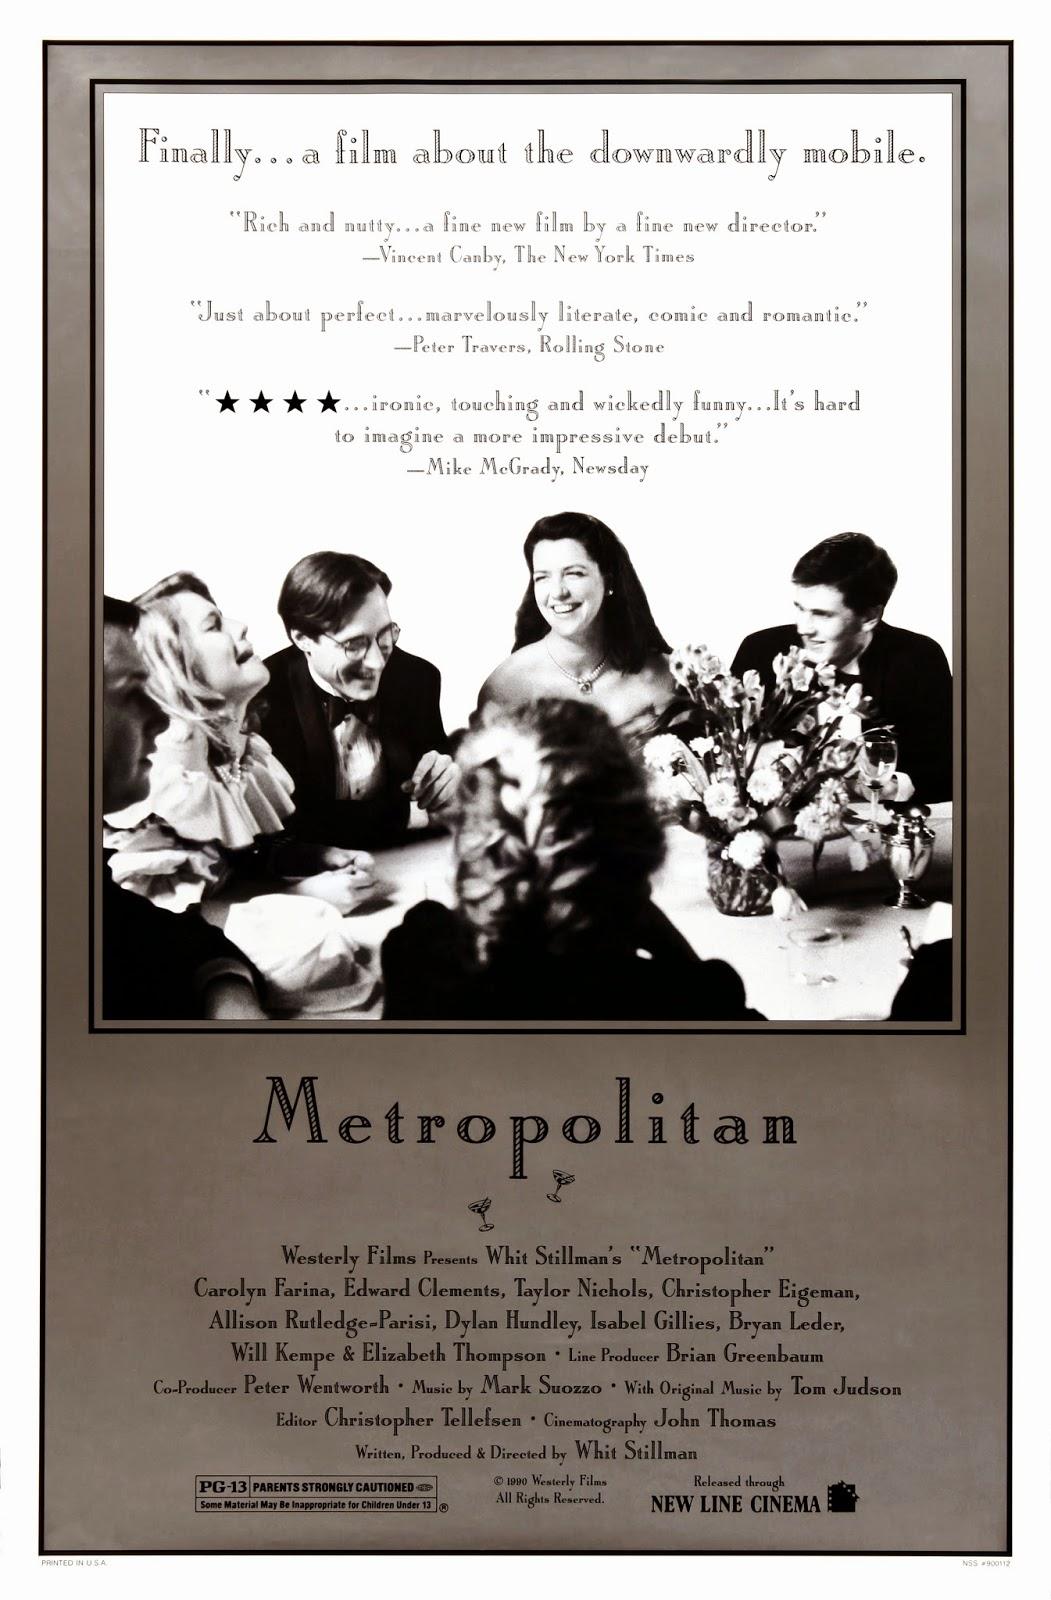 Whit Stillman - Metropolitan